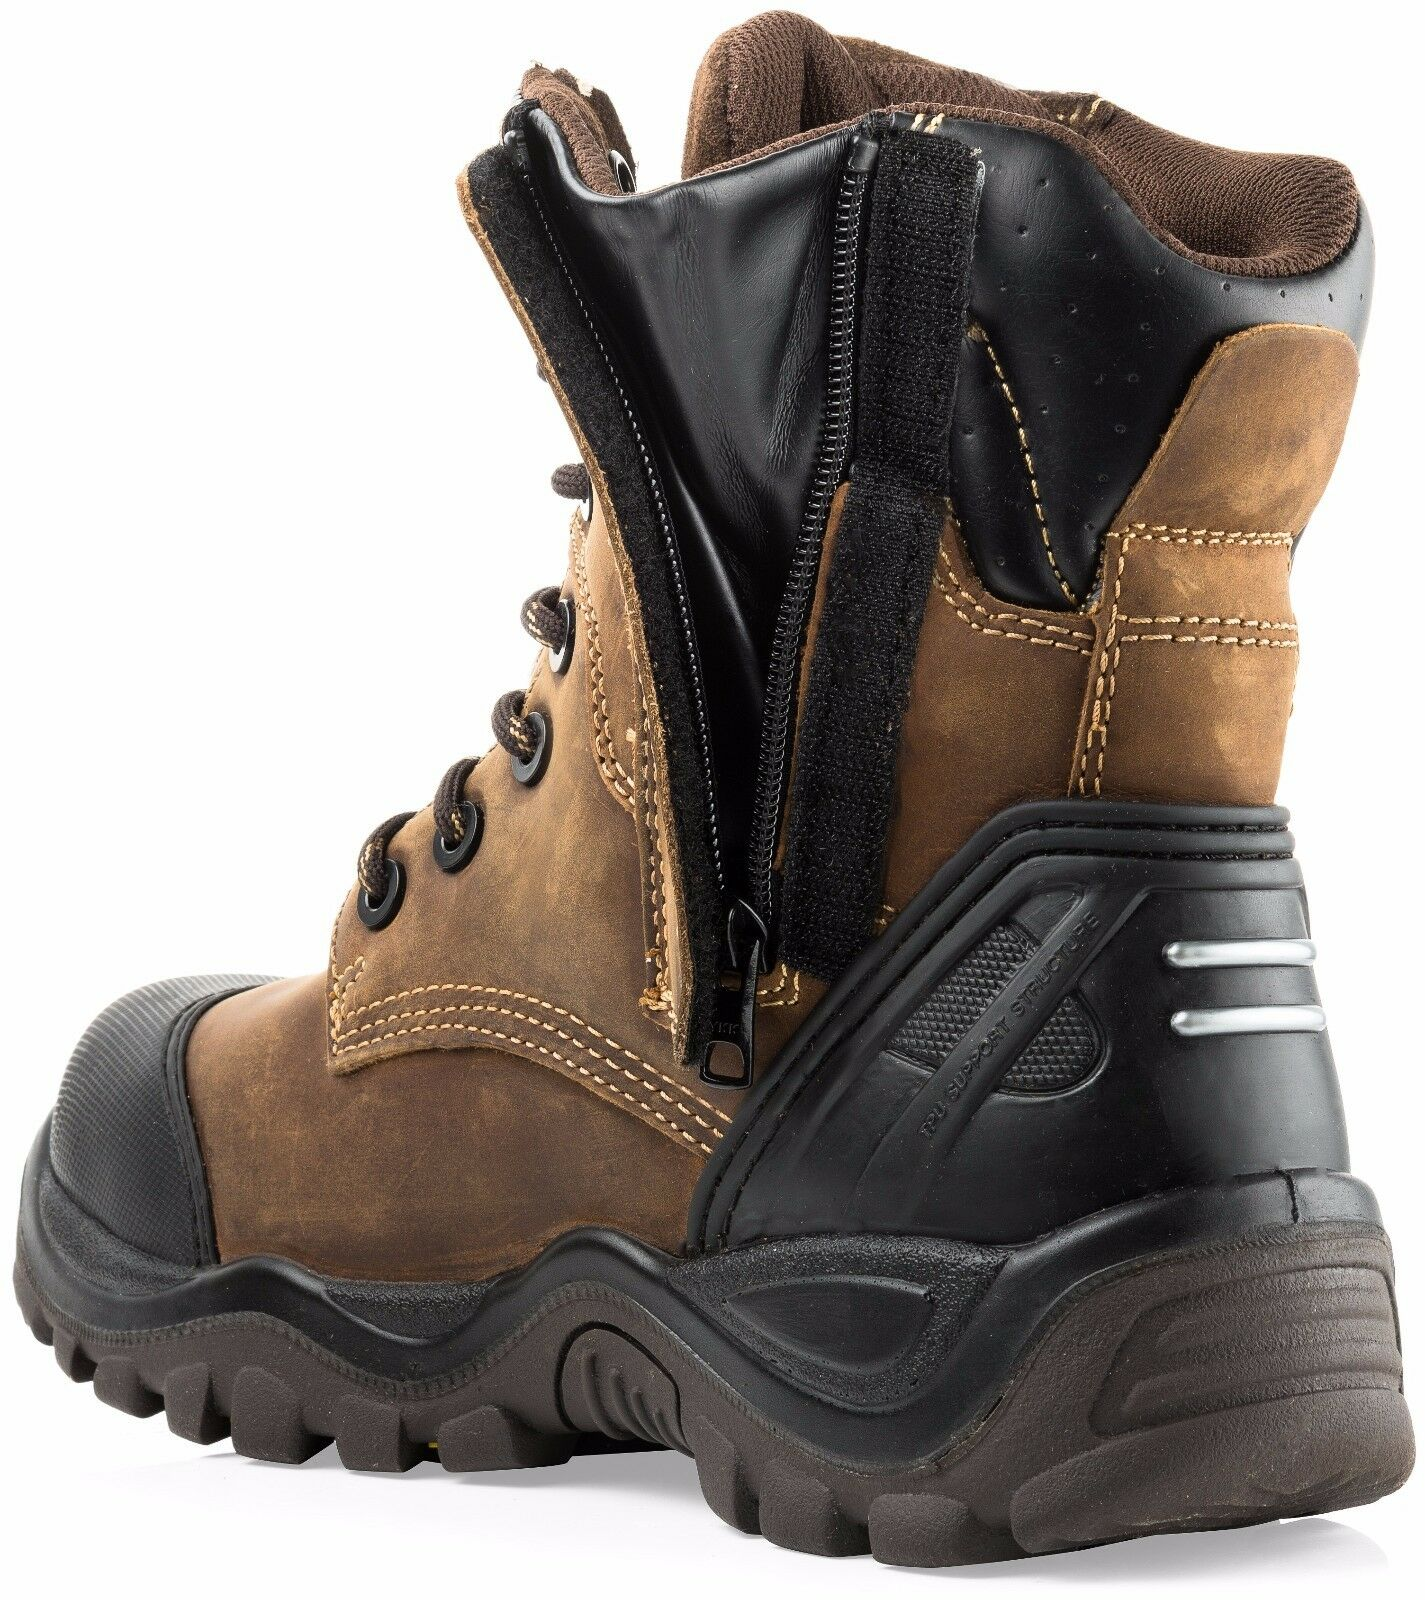 Buckler BSH 008 WPNM Alta Pierna Impermeable de Seguridad Botas de Impermeable trabajo y 1 par de calcetines 0166f2